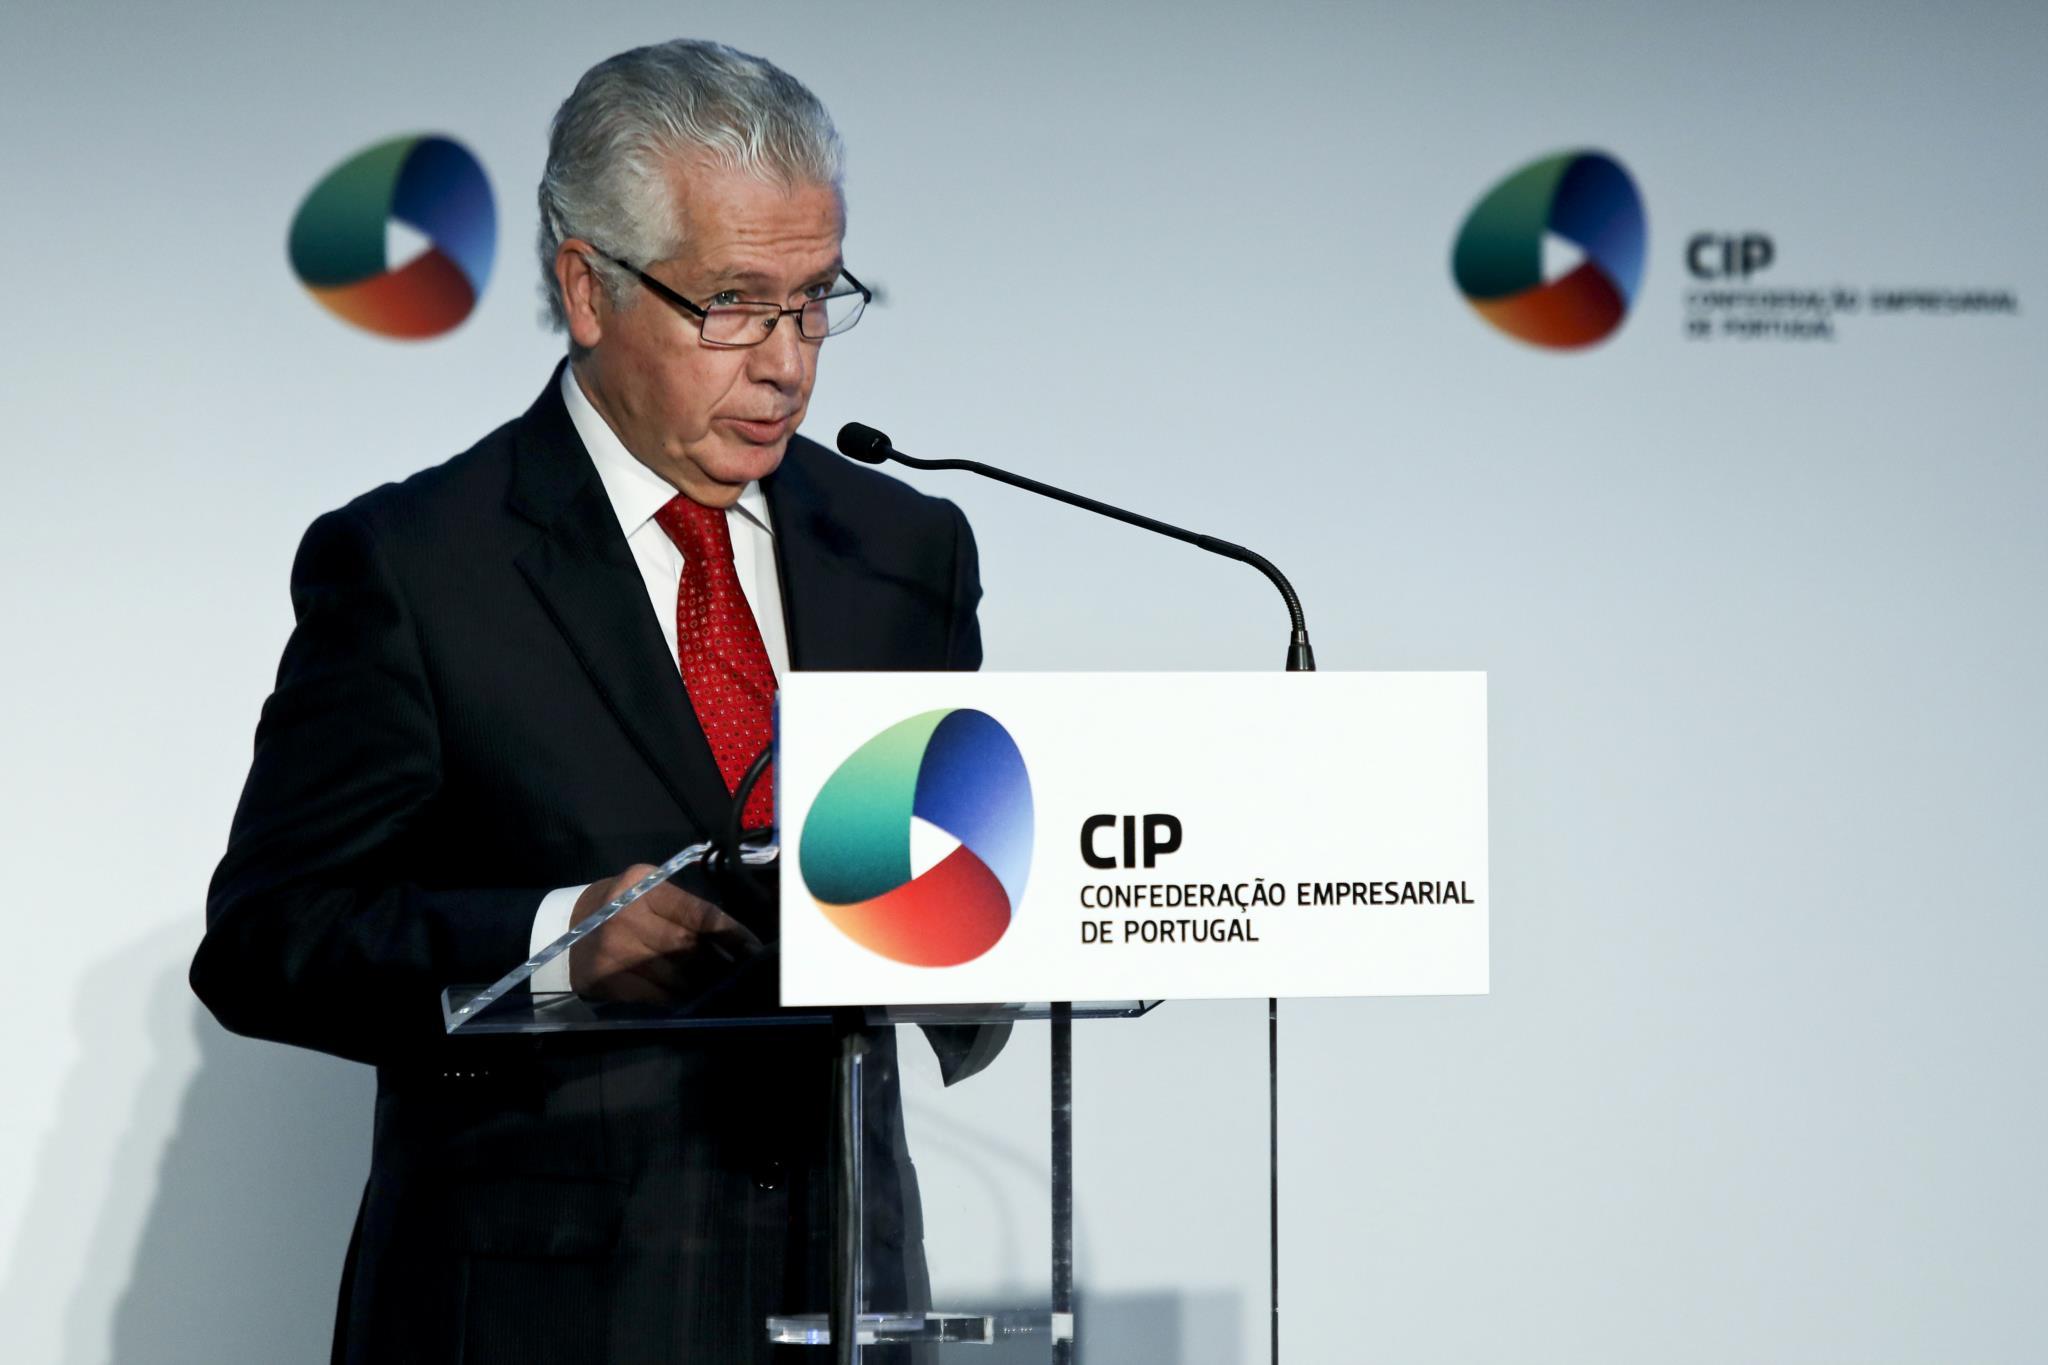 Resultado de imagem para Confederação Empresarial de Portugal